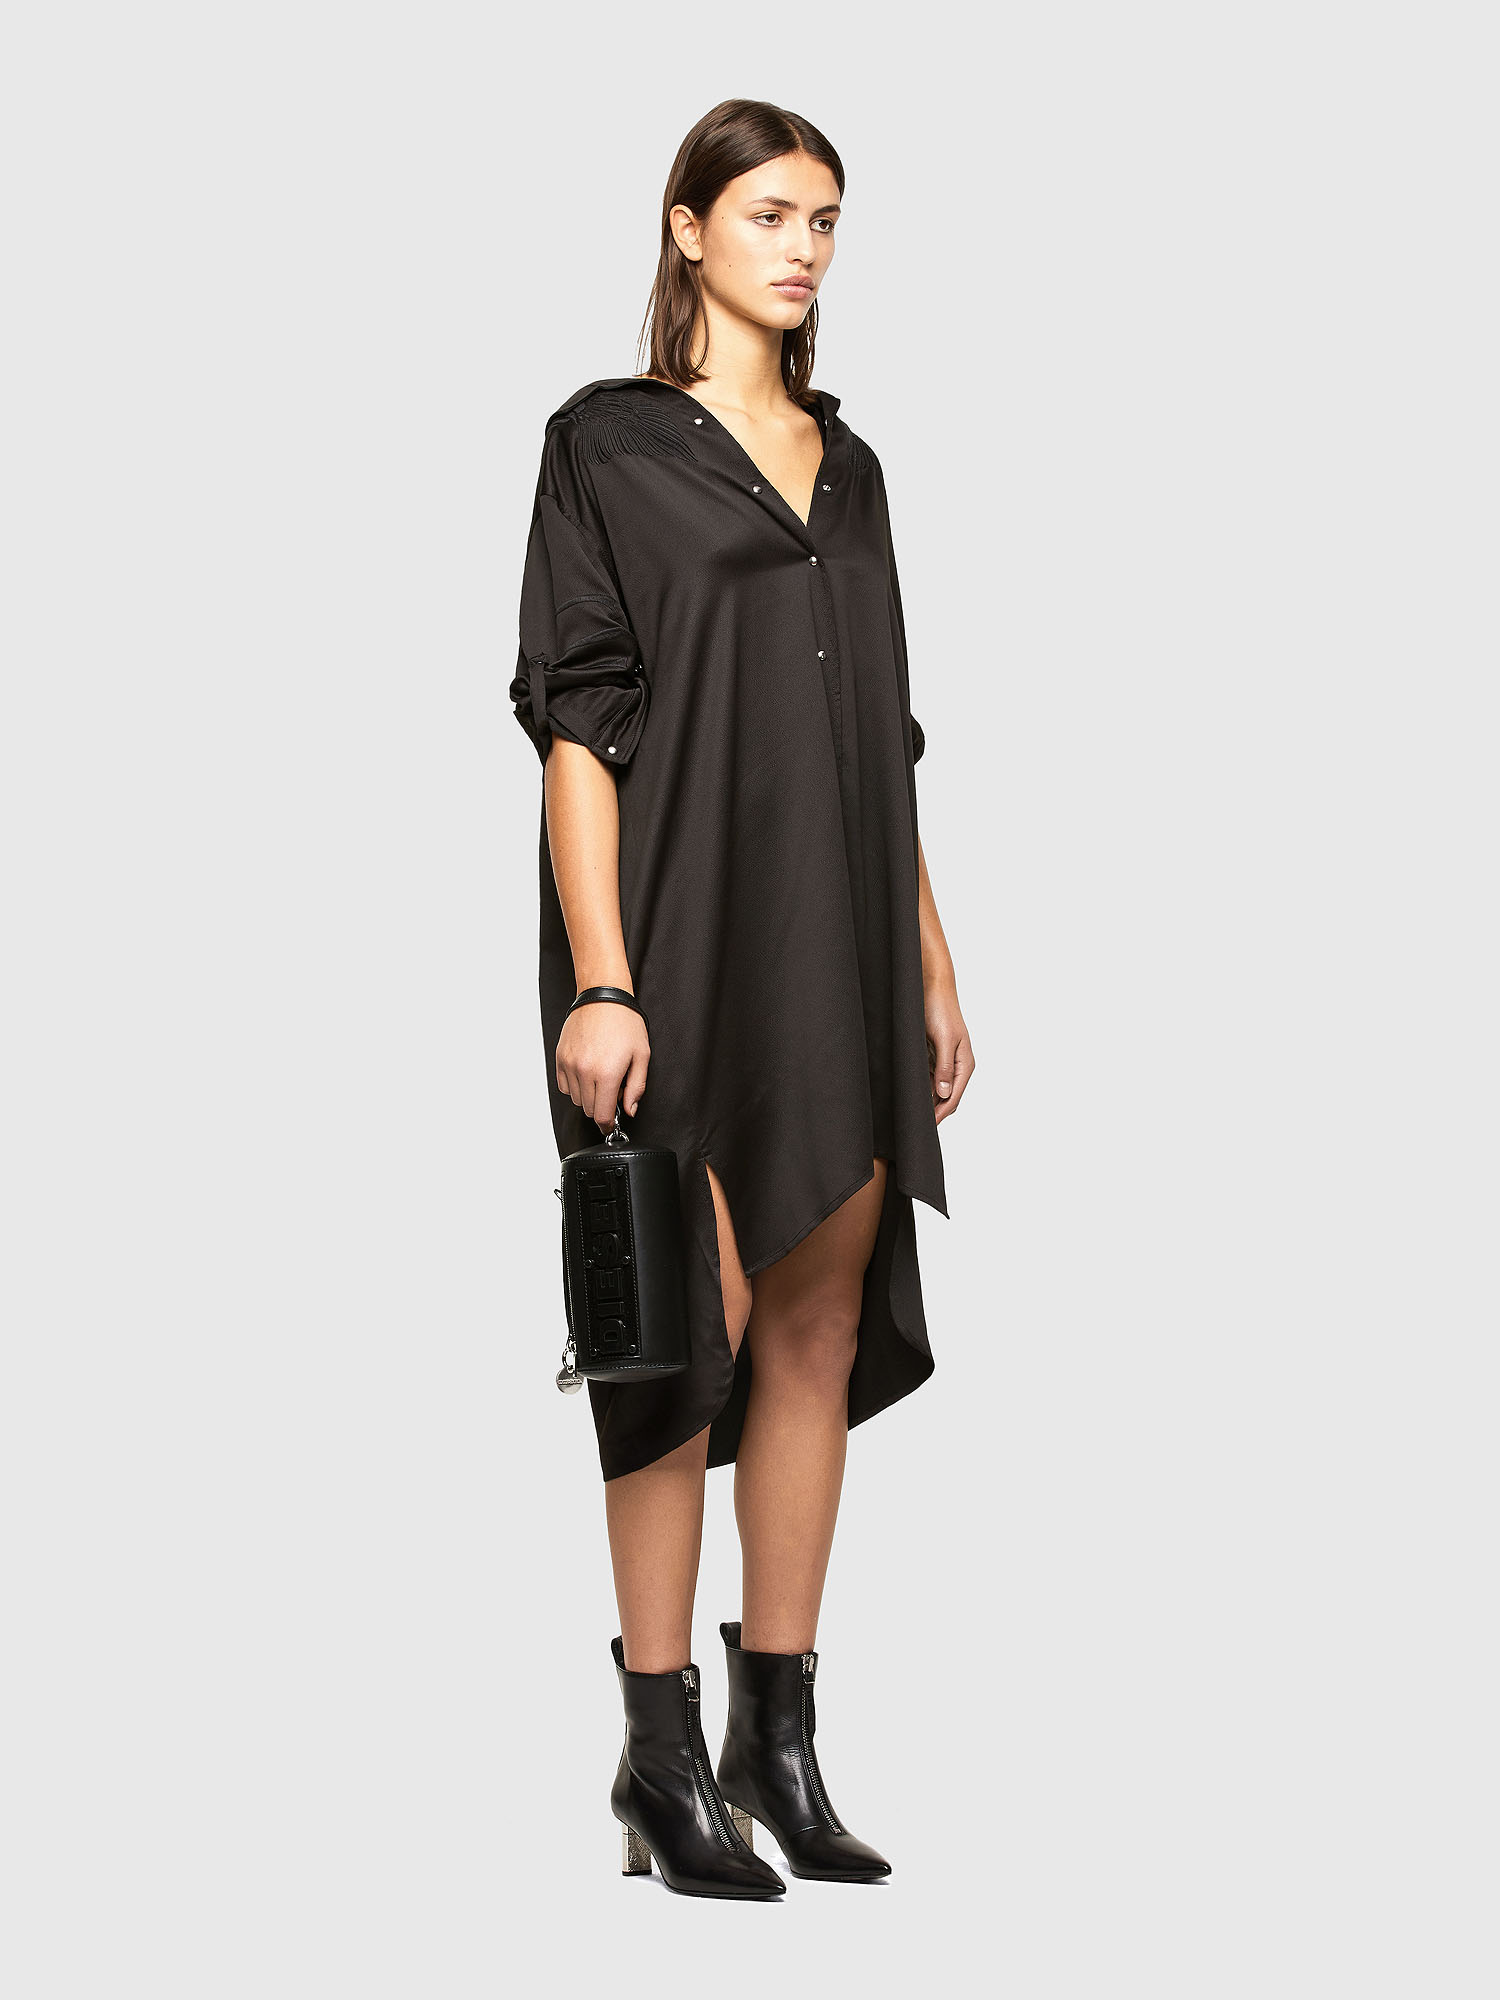 Diesel - D-NIA, Black - Dresses - Image 6